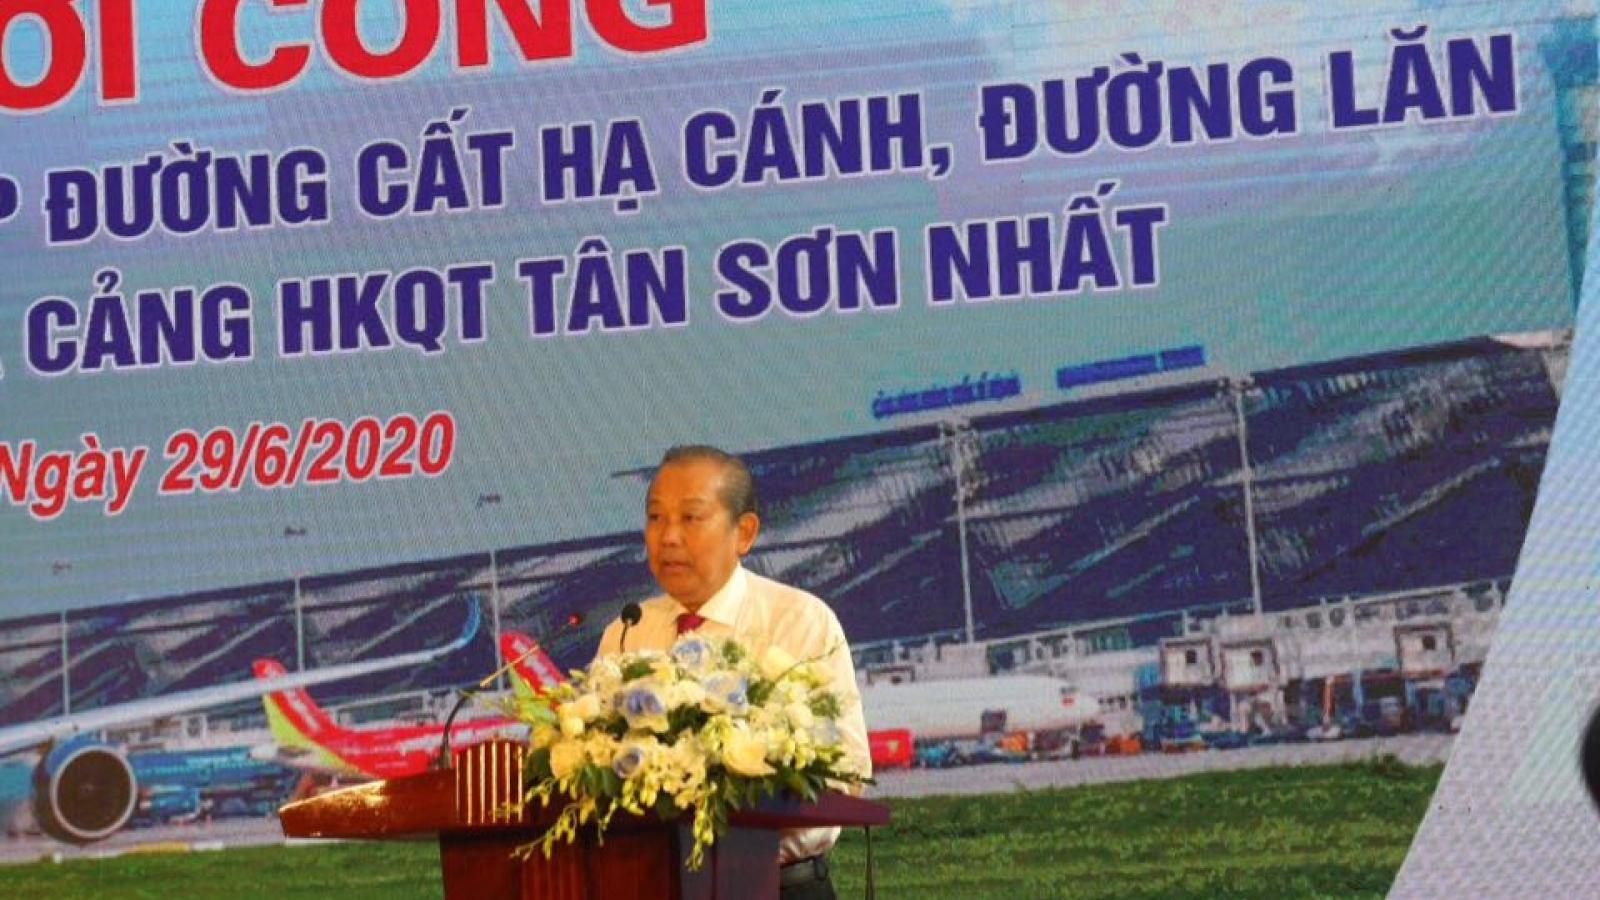 Phó Thủ tướng phát lệnh nâng cấp sân bay Nội Bài, Tân Sơn Nhất